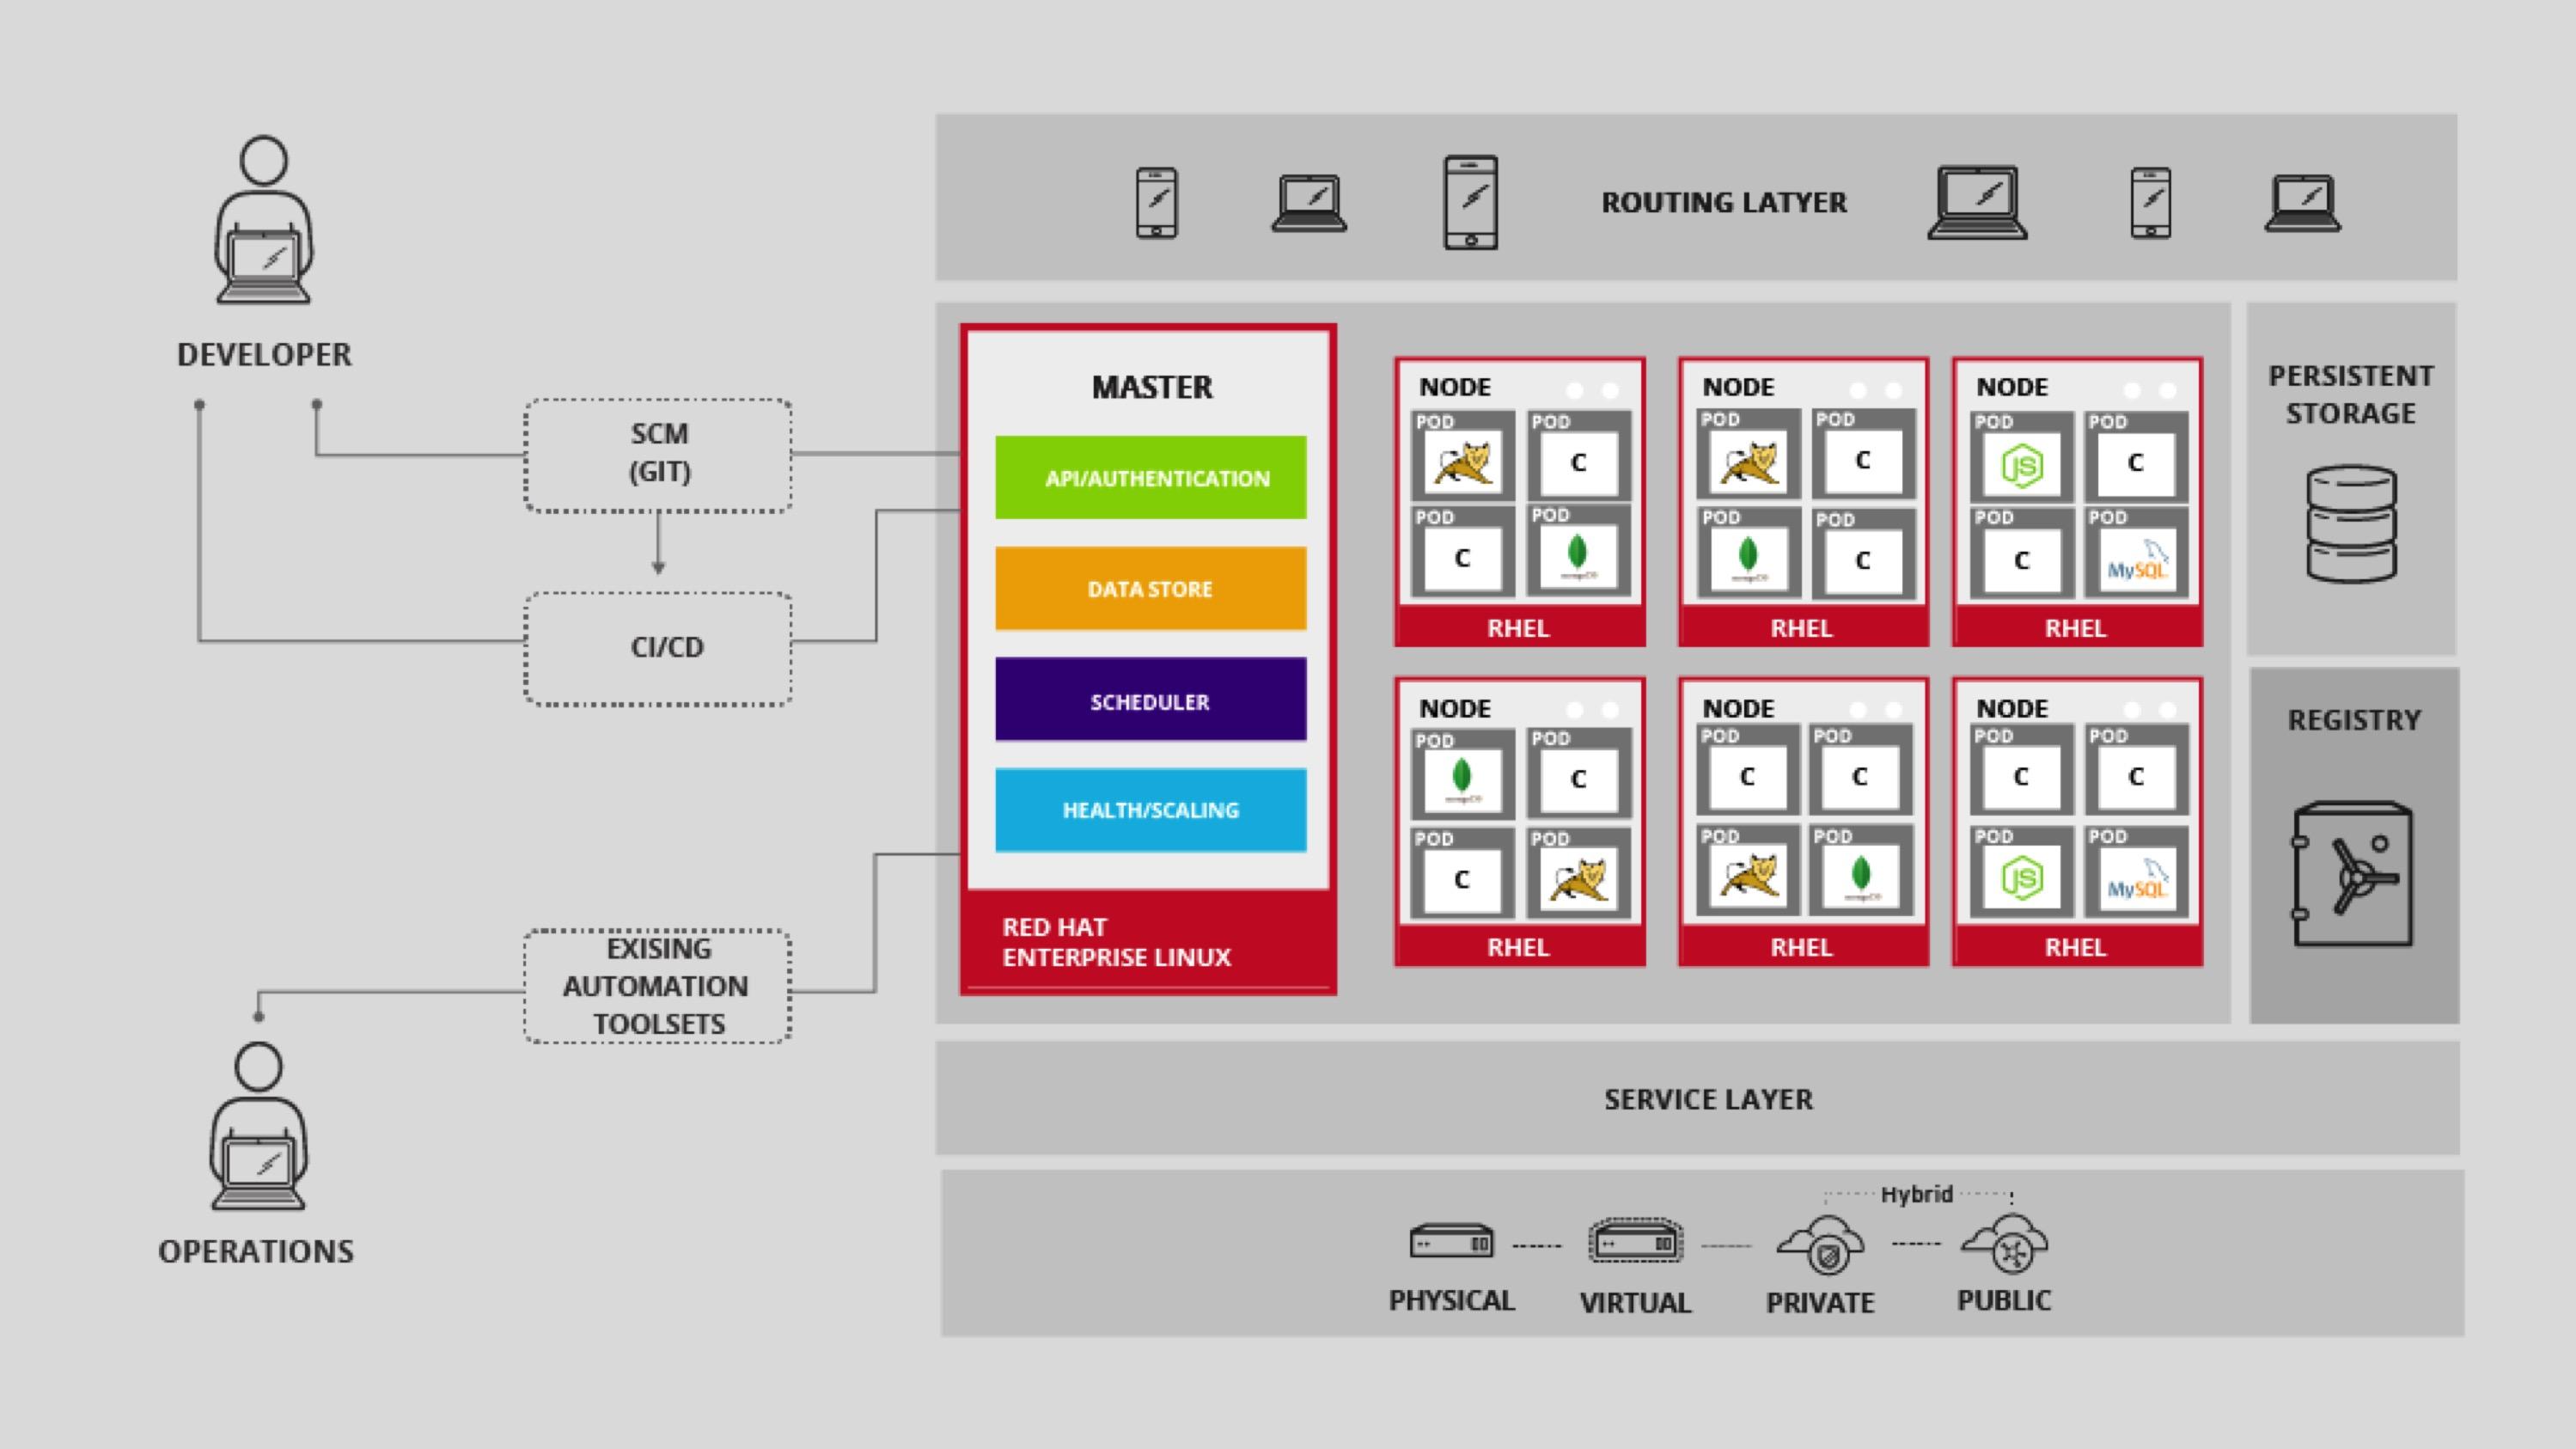 Für den Betrieb und die Bereitstellung von Microservices bieten sich vor allem Container-Lösungen an, wie sie etwa mit Red Hat OpenShift Container Platform zur Verfügung stehen (Quelle: Red Hat).